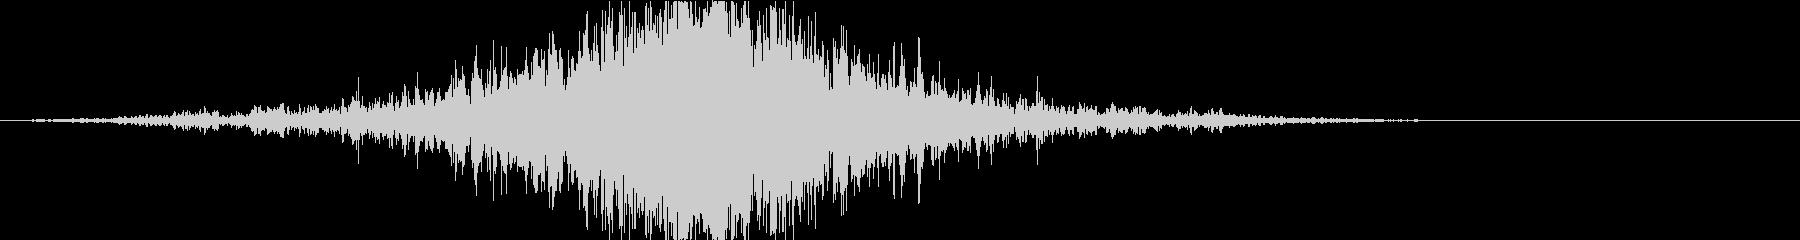 ドラマティックなリバース音35-02の未再生の波形